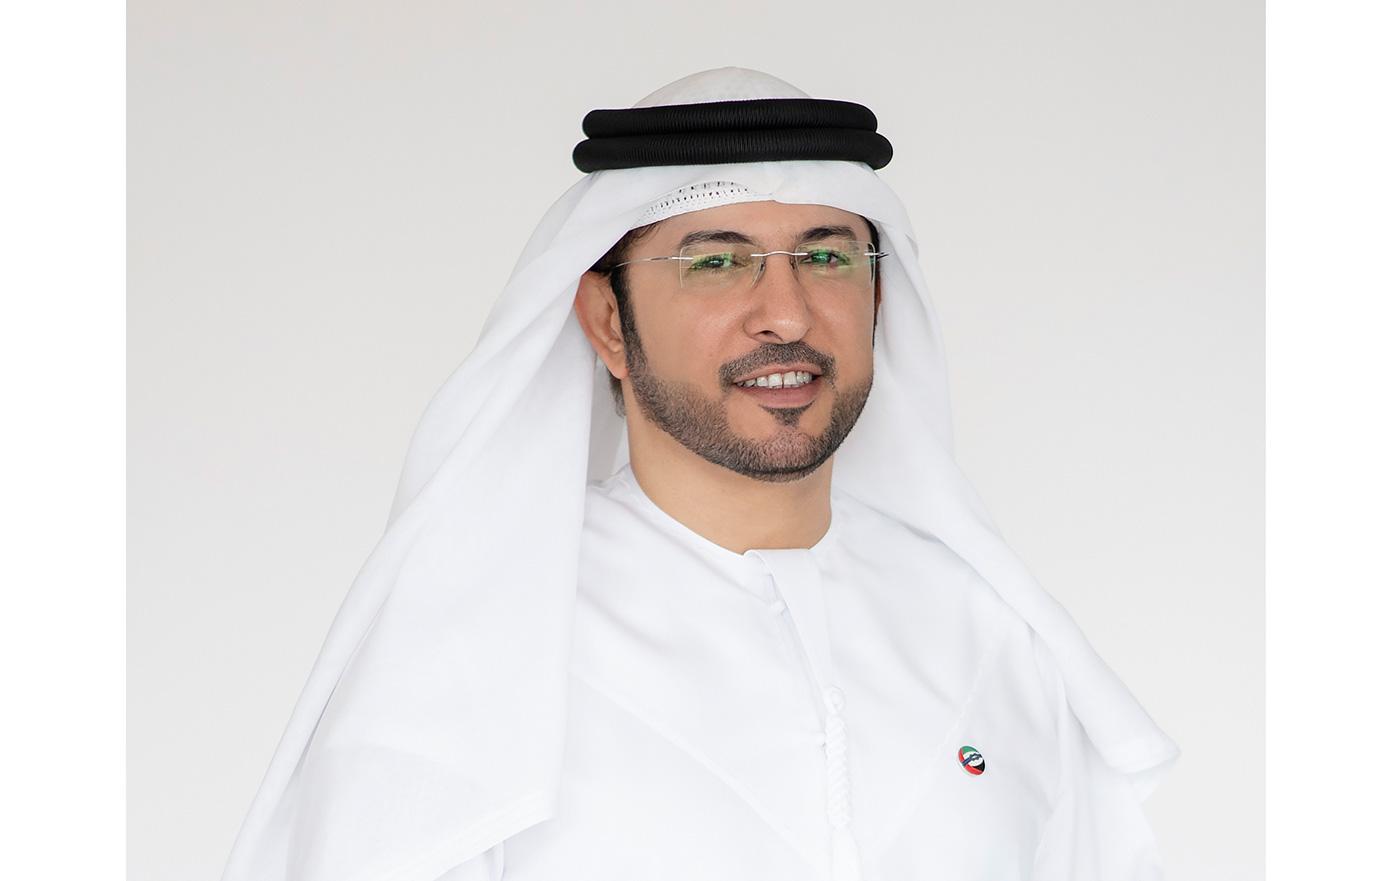 الصورة : عبدالله بن دميثان، المدير التنفيذي والمدير العام موانئ دبي العالمية - إقليم الإمارات وجافزا